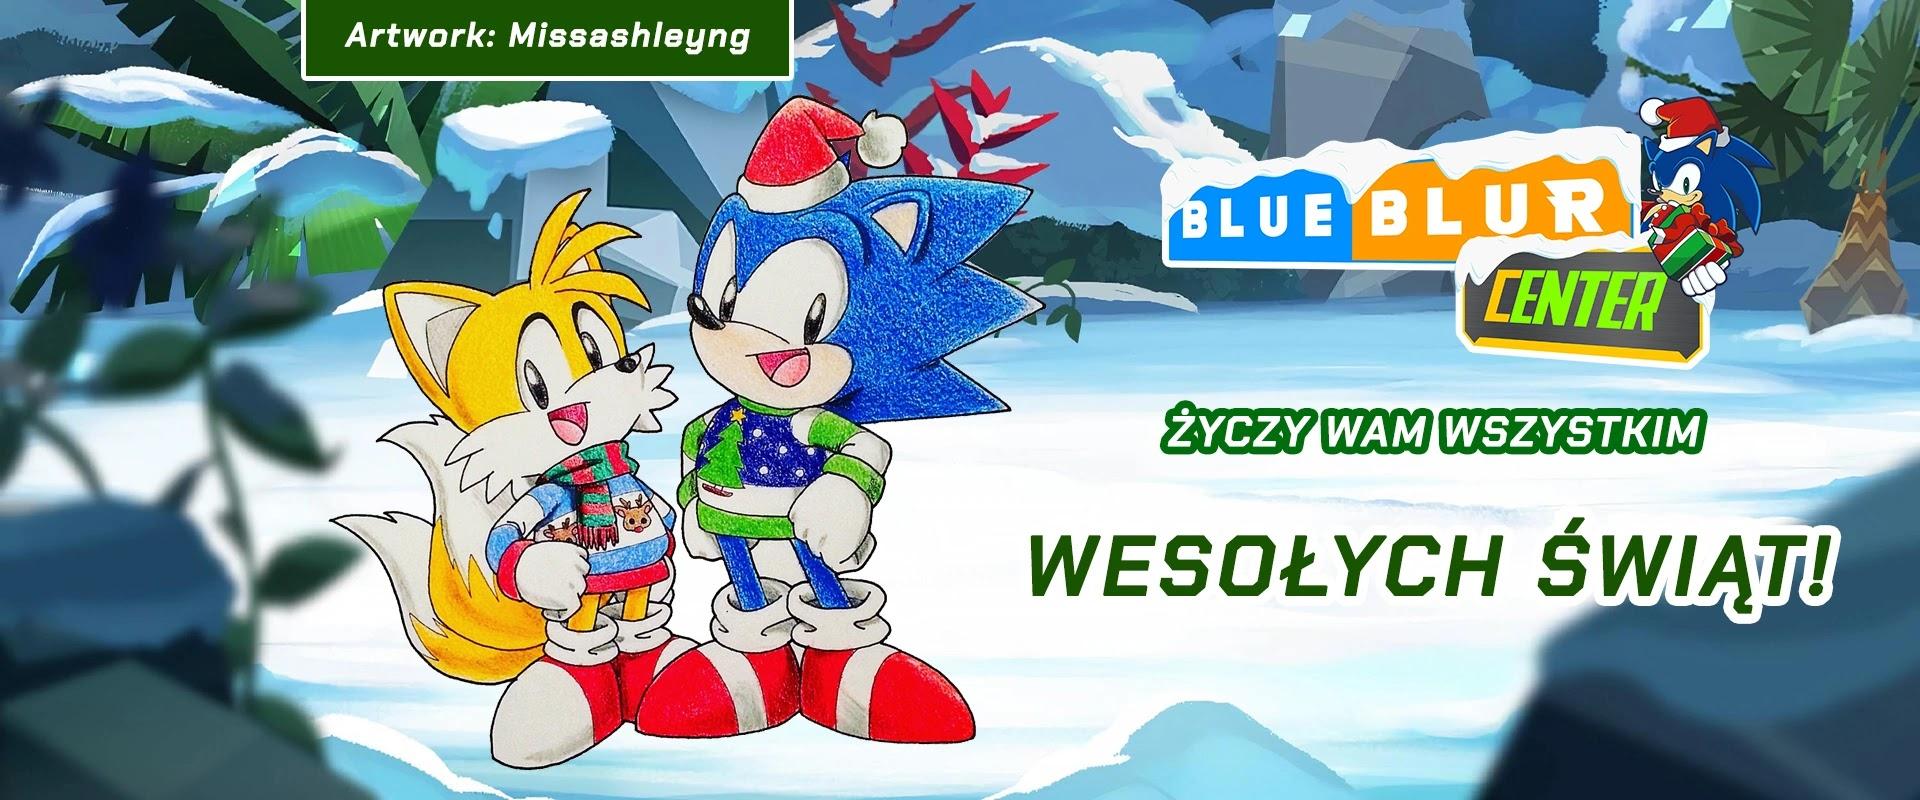 BlueBlur Center Życzy Wam Wszystkim Wesołych Świąt